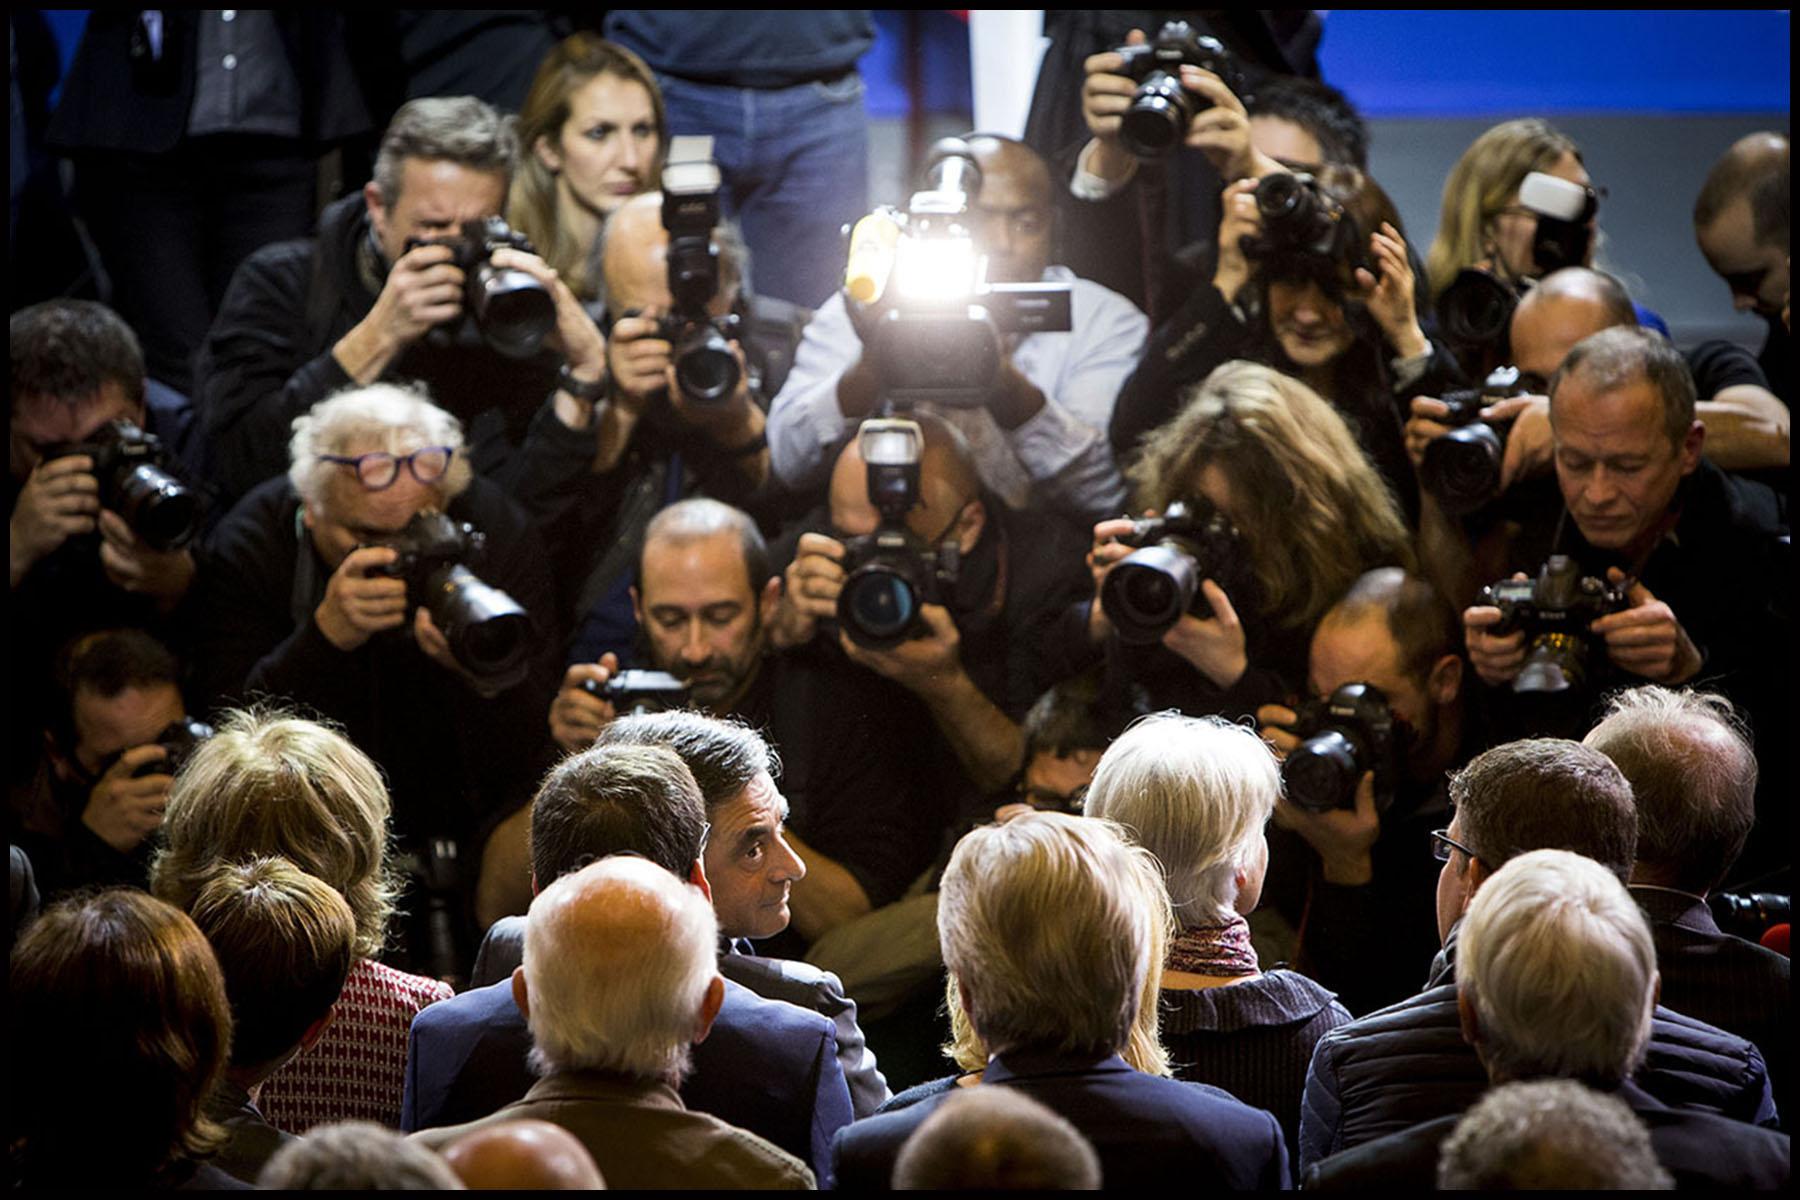 Dernier meeting de François FILLON avant le second tour des primaires de la droite et du centre à la porte de Versailles